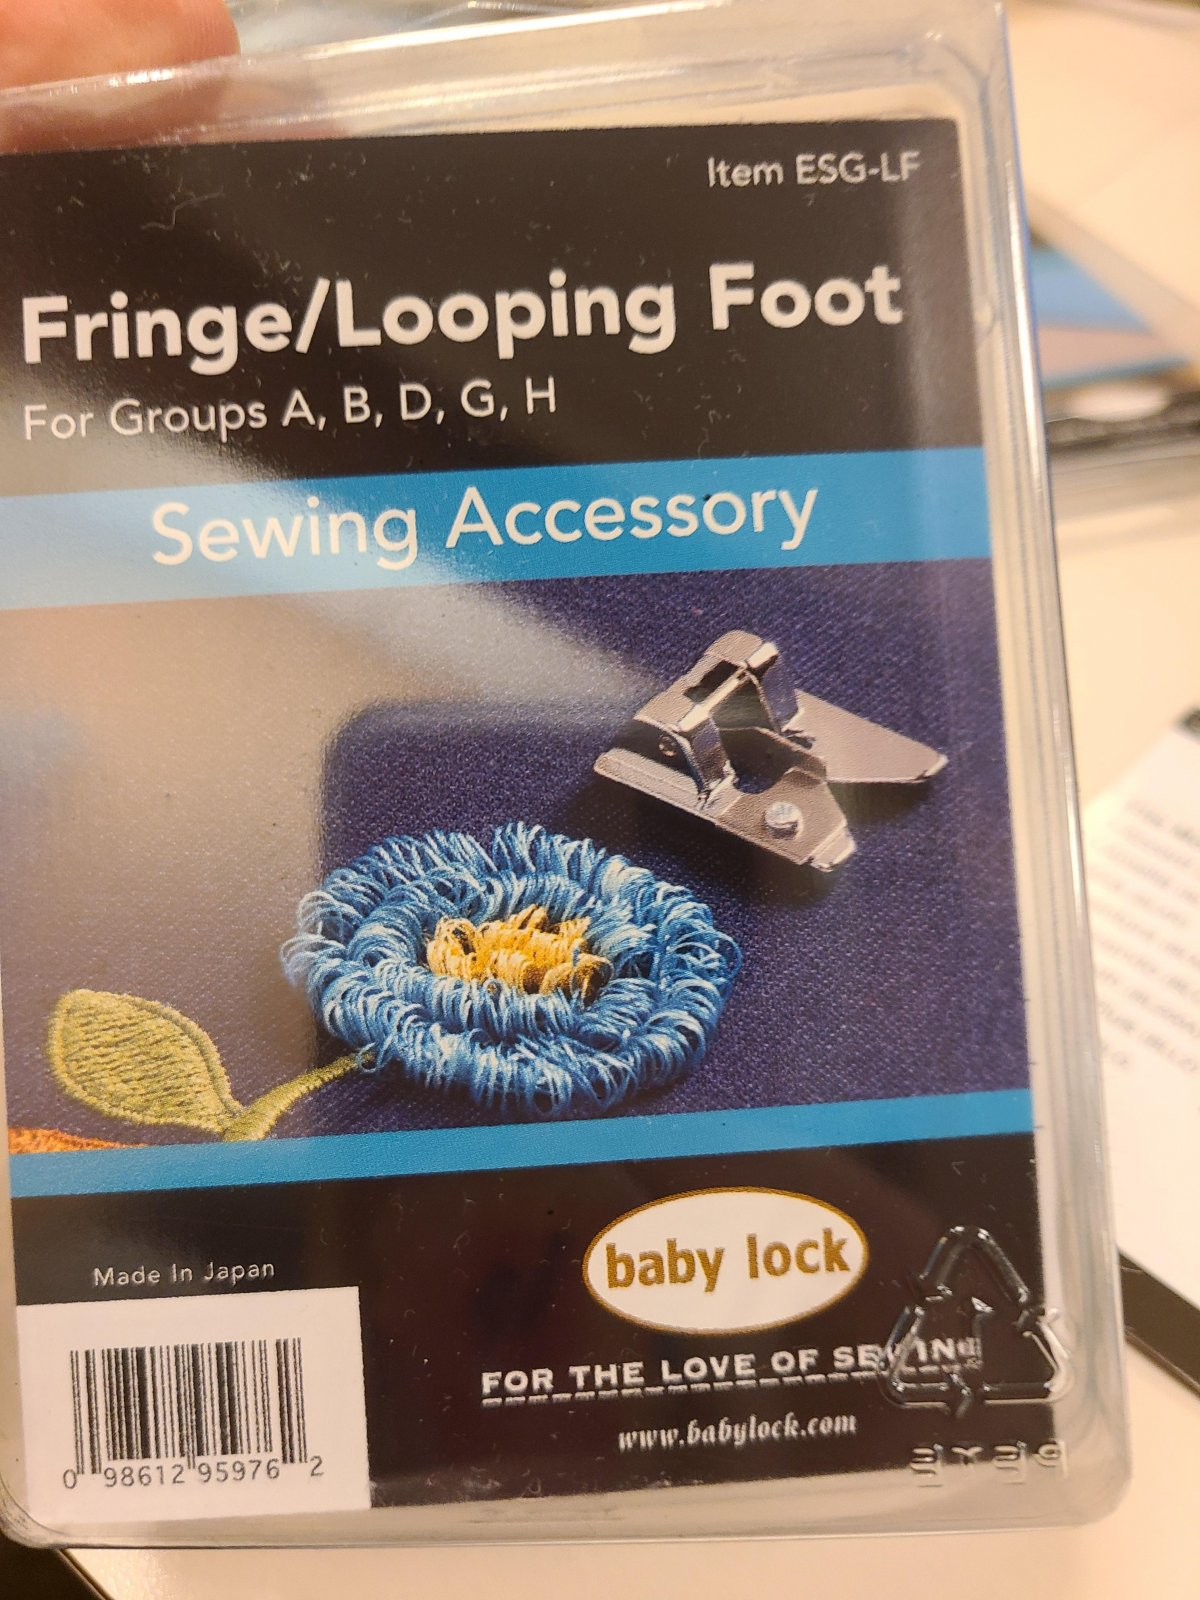 Baby Lock Fringe/Looping Foot